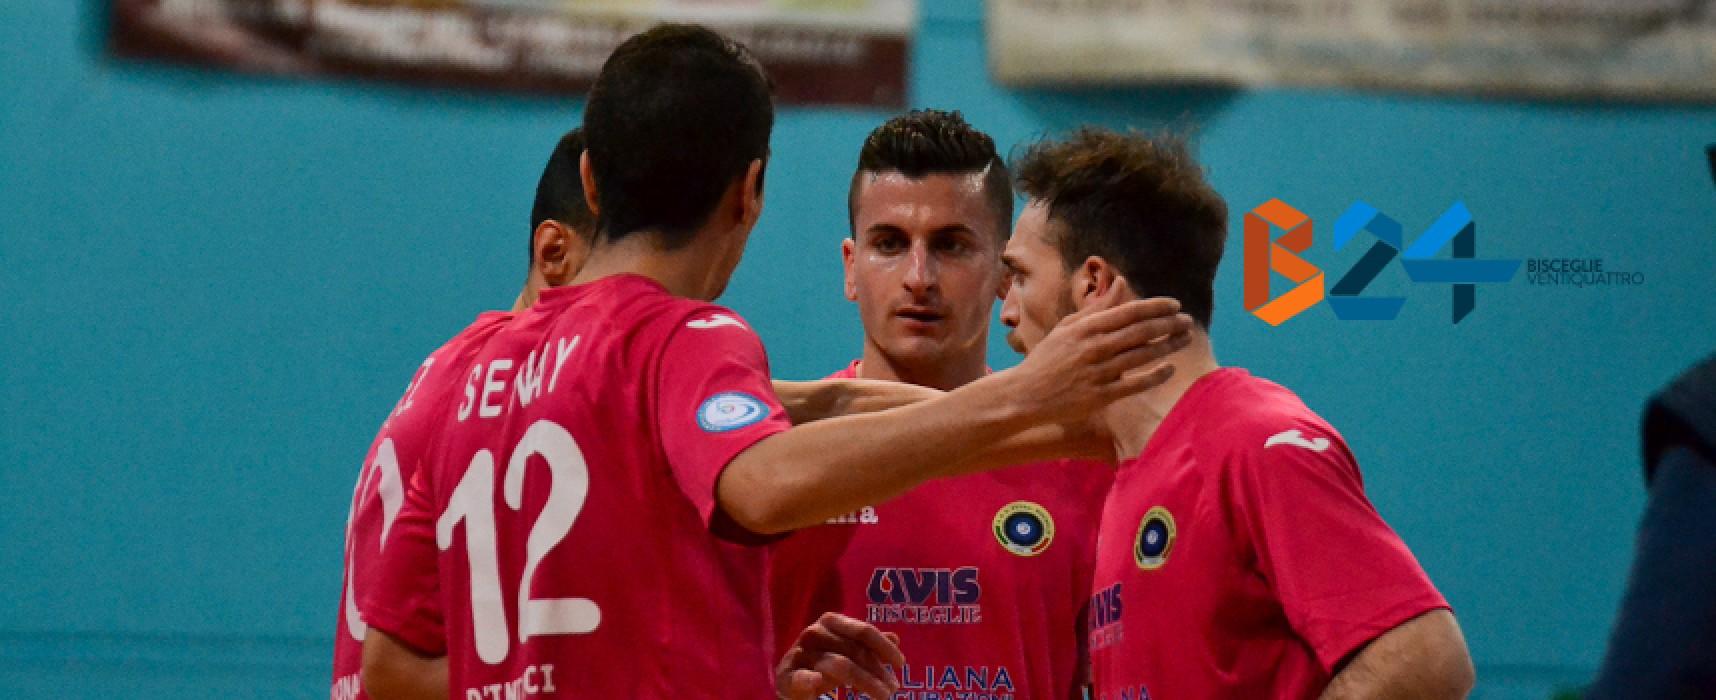 Parte la corsa verso la serie A, il Futsal Bisceglie attende il Cisternino nel primo turno playoff